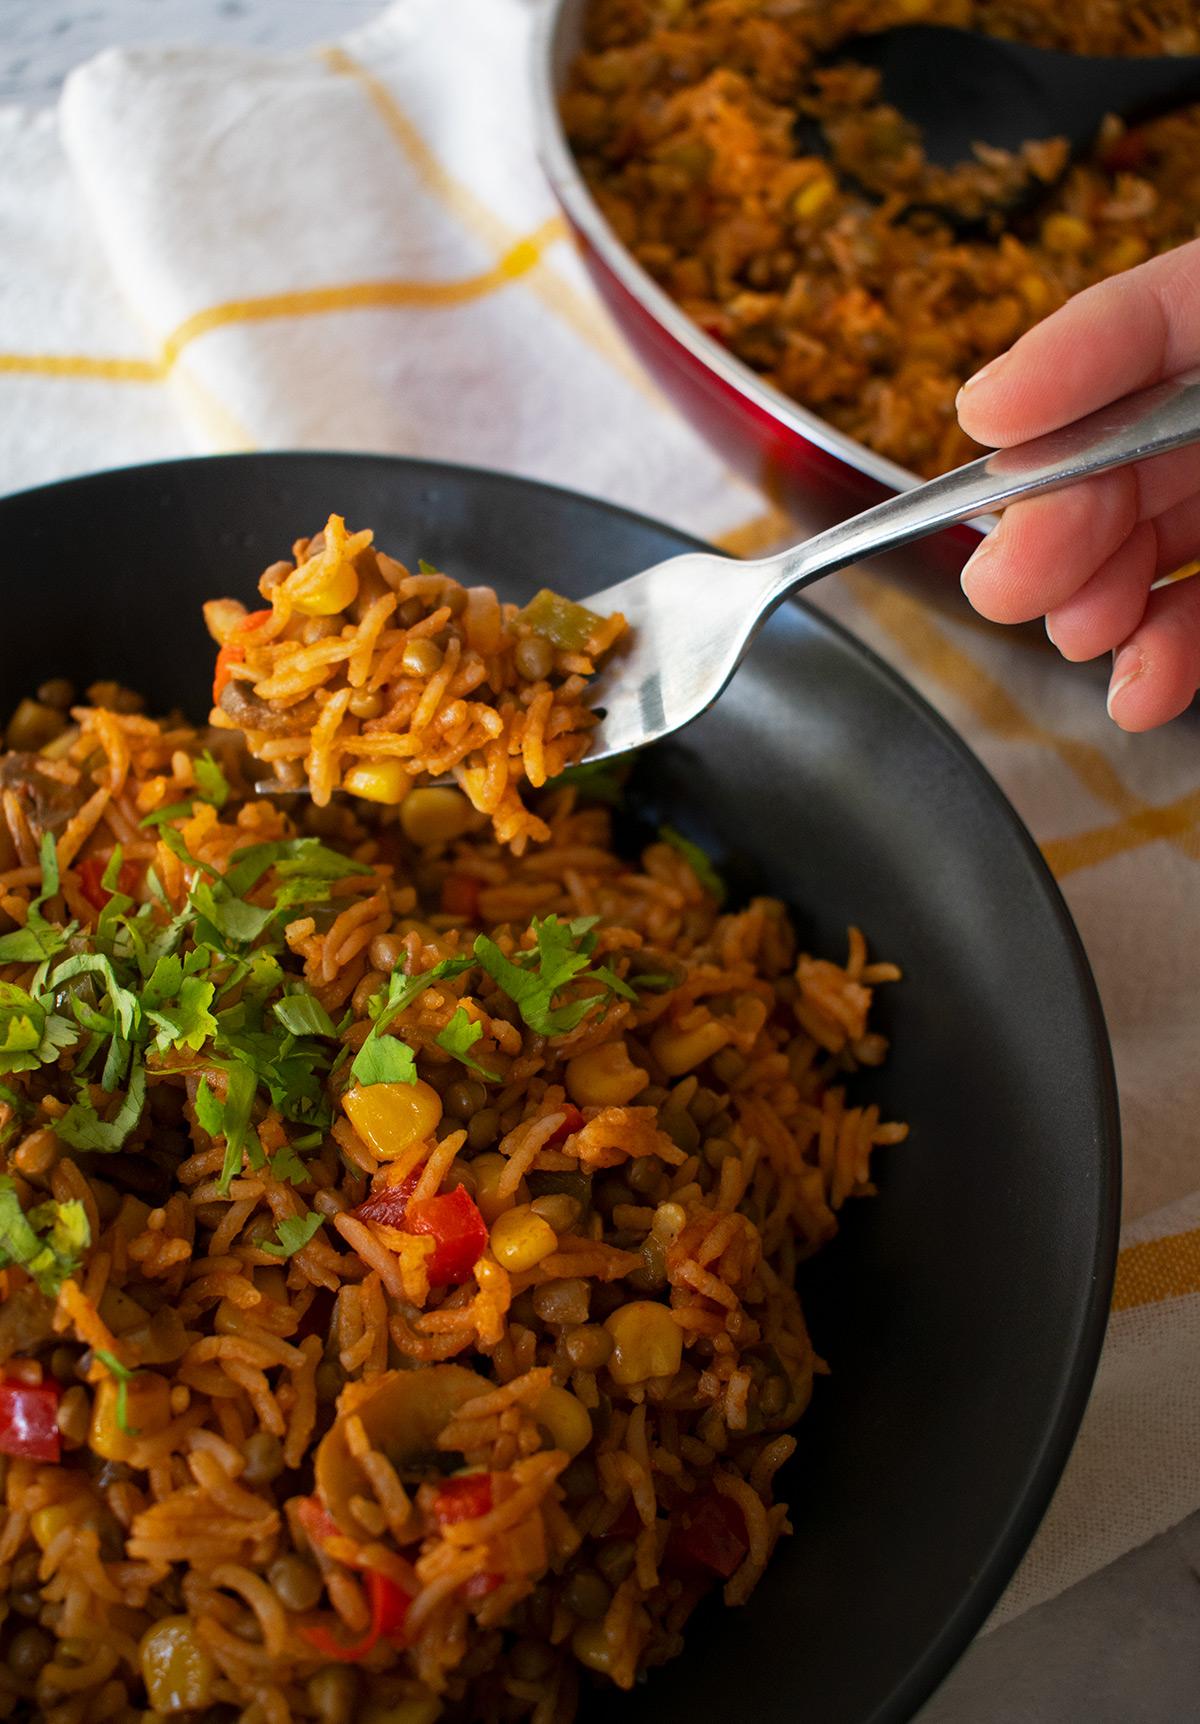 arroz pilaf servido en un plato negro sobre un paño blanco con lineas amarillas